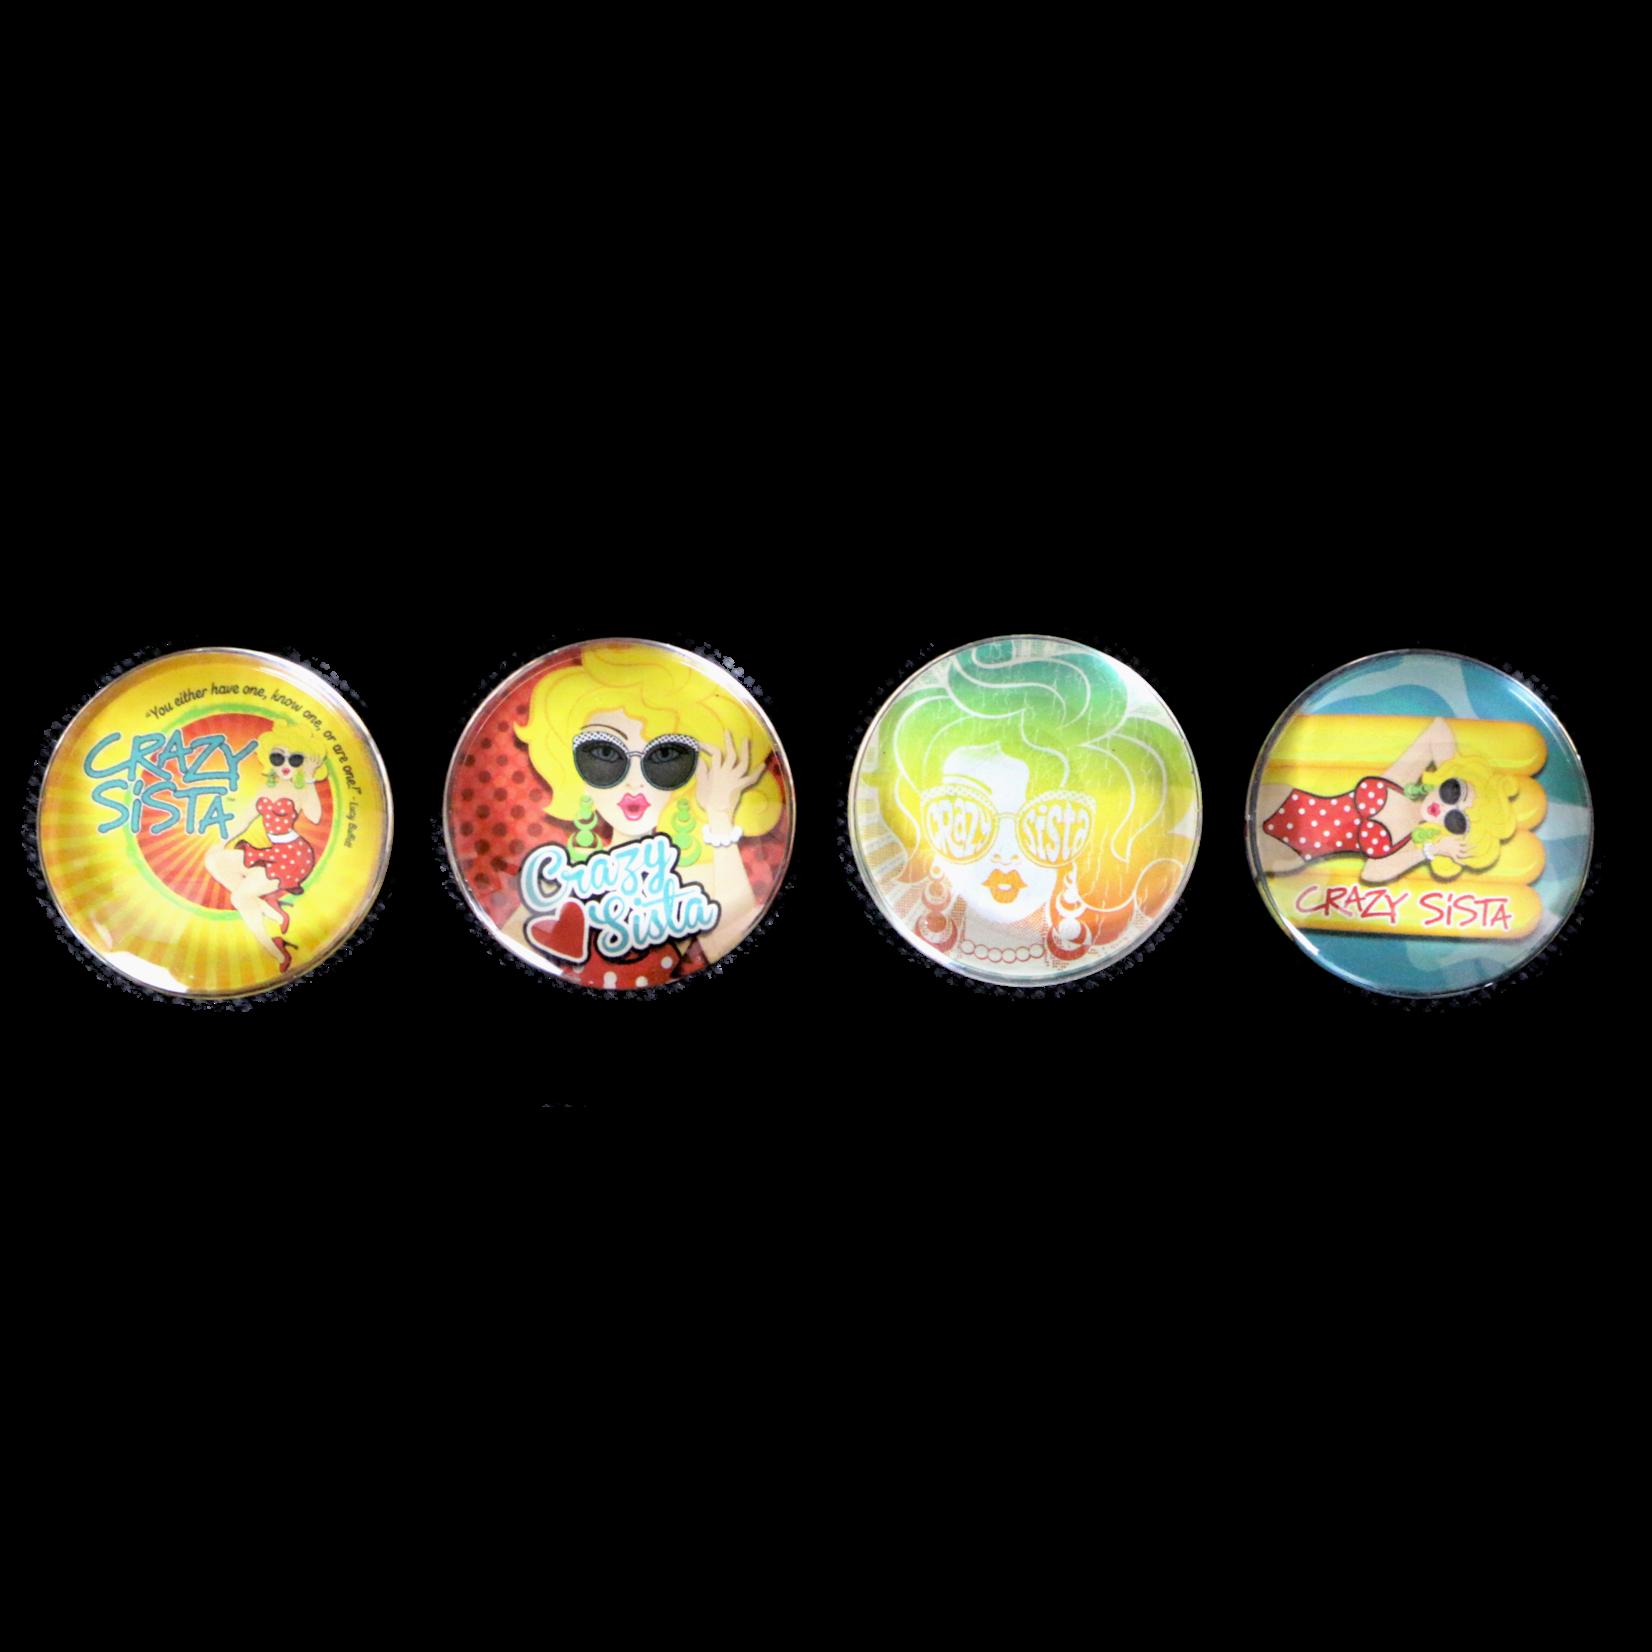 Crazy Sista Crazy Sista Designs Magnet